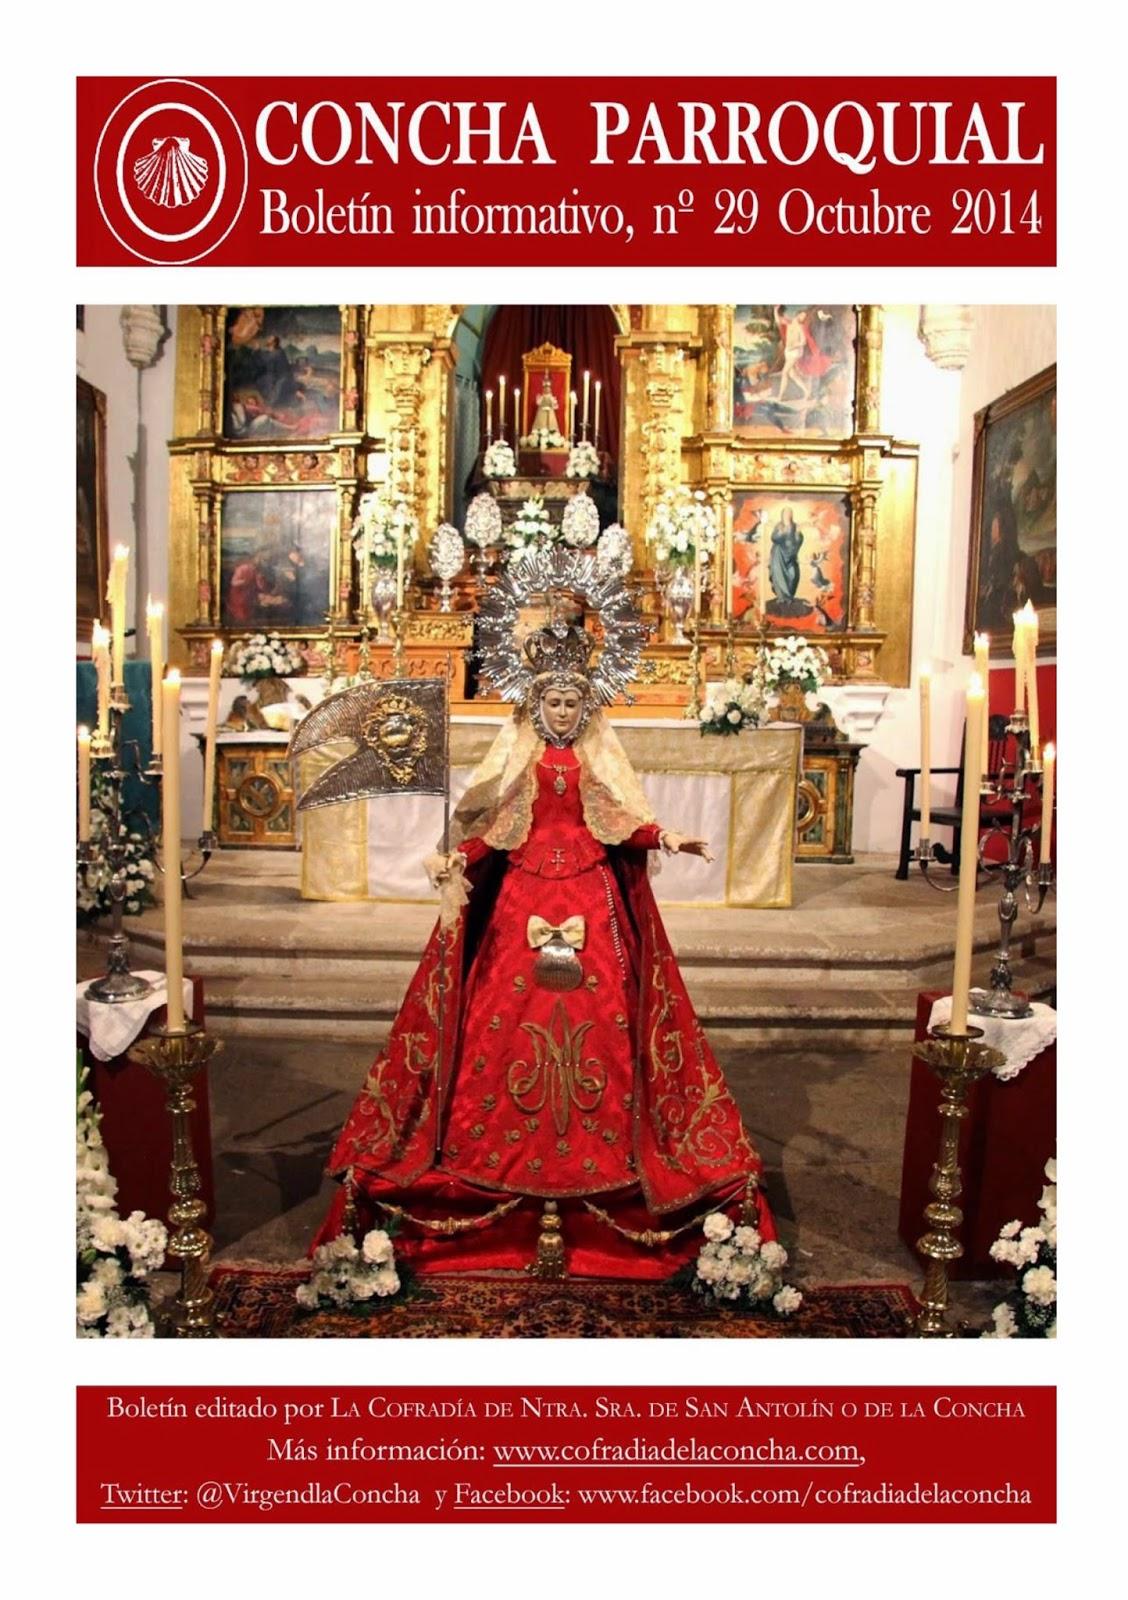 http://www.cofradiadelaconcha.com/boletines/2014/Octubre2014.pdf